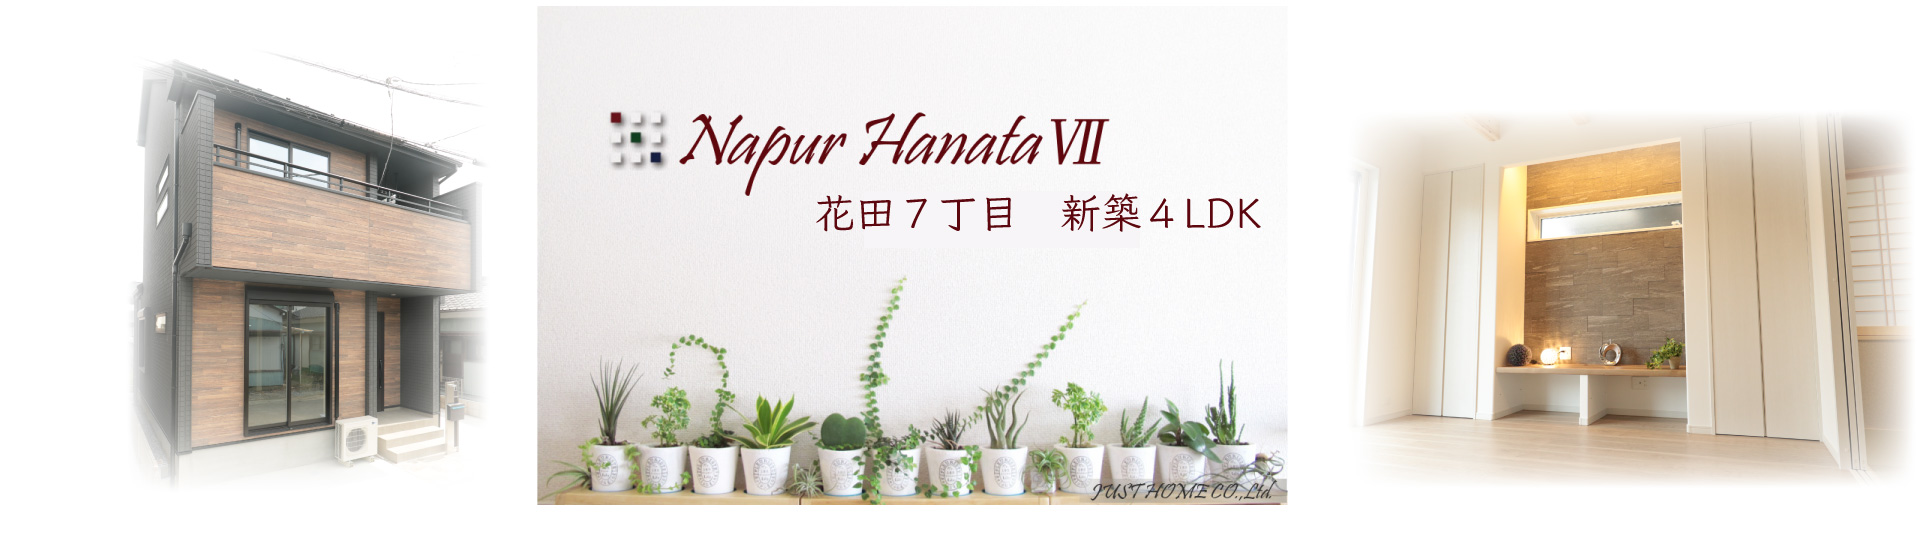 花田7丁目 新築4LDK 南向きの憩いの空間で開放感と快適性を感じることができるSumai